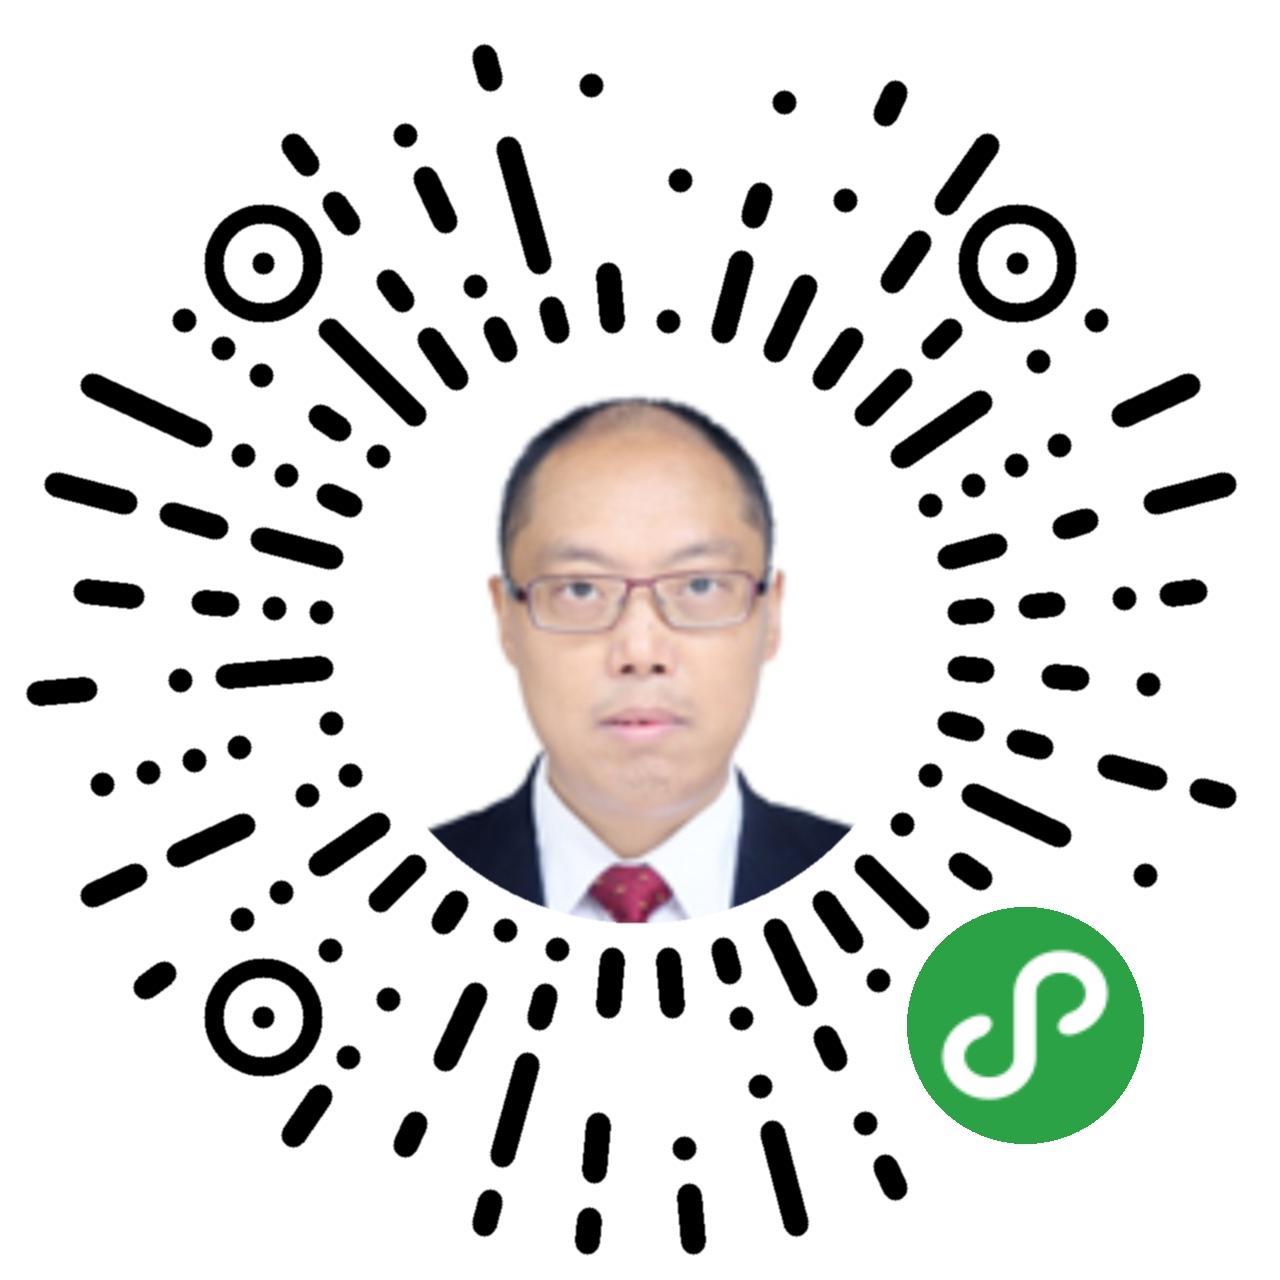 四川成都民商律师李祝辉小程序二维码